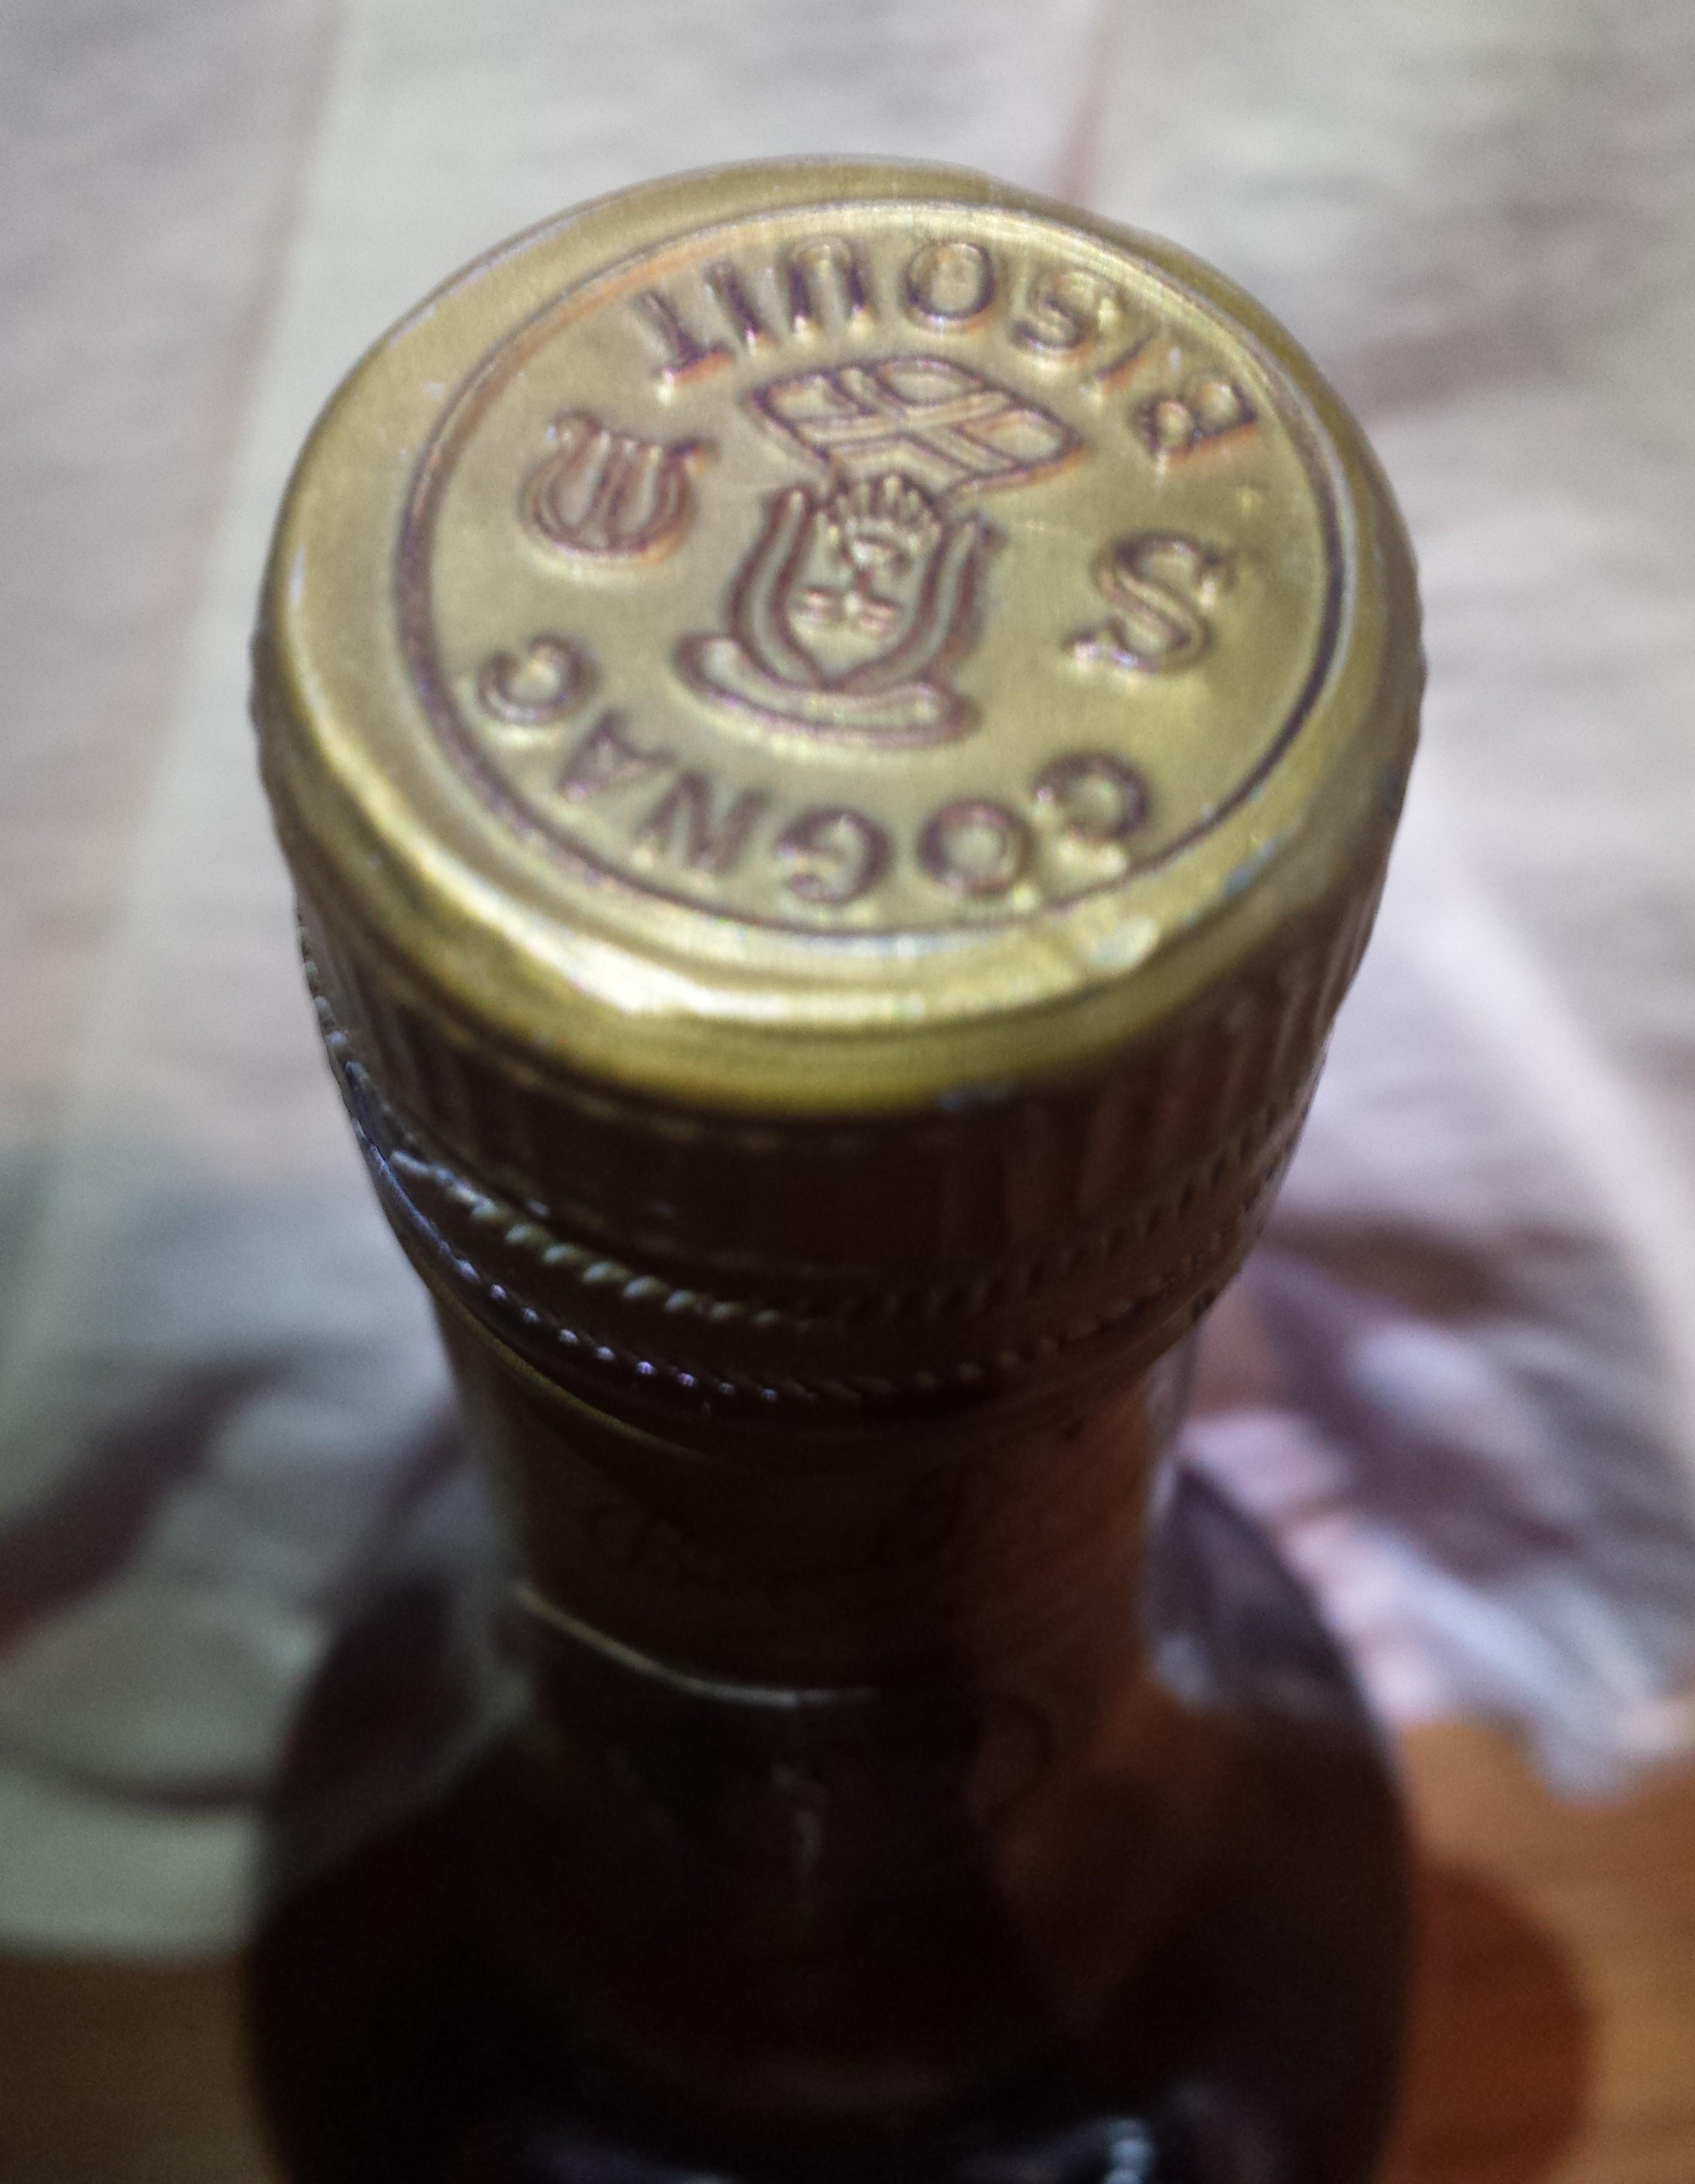 Bisquit 3 star Cognac